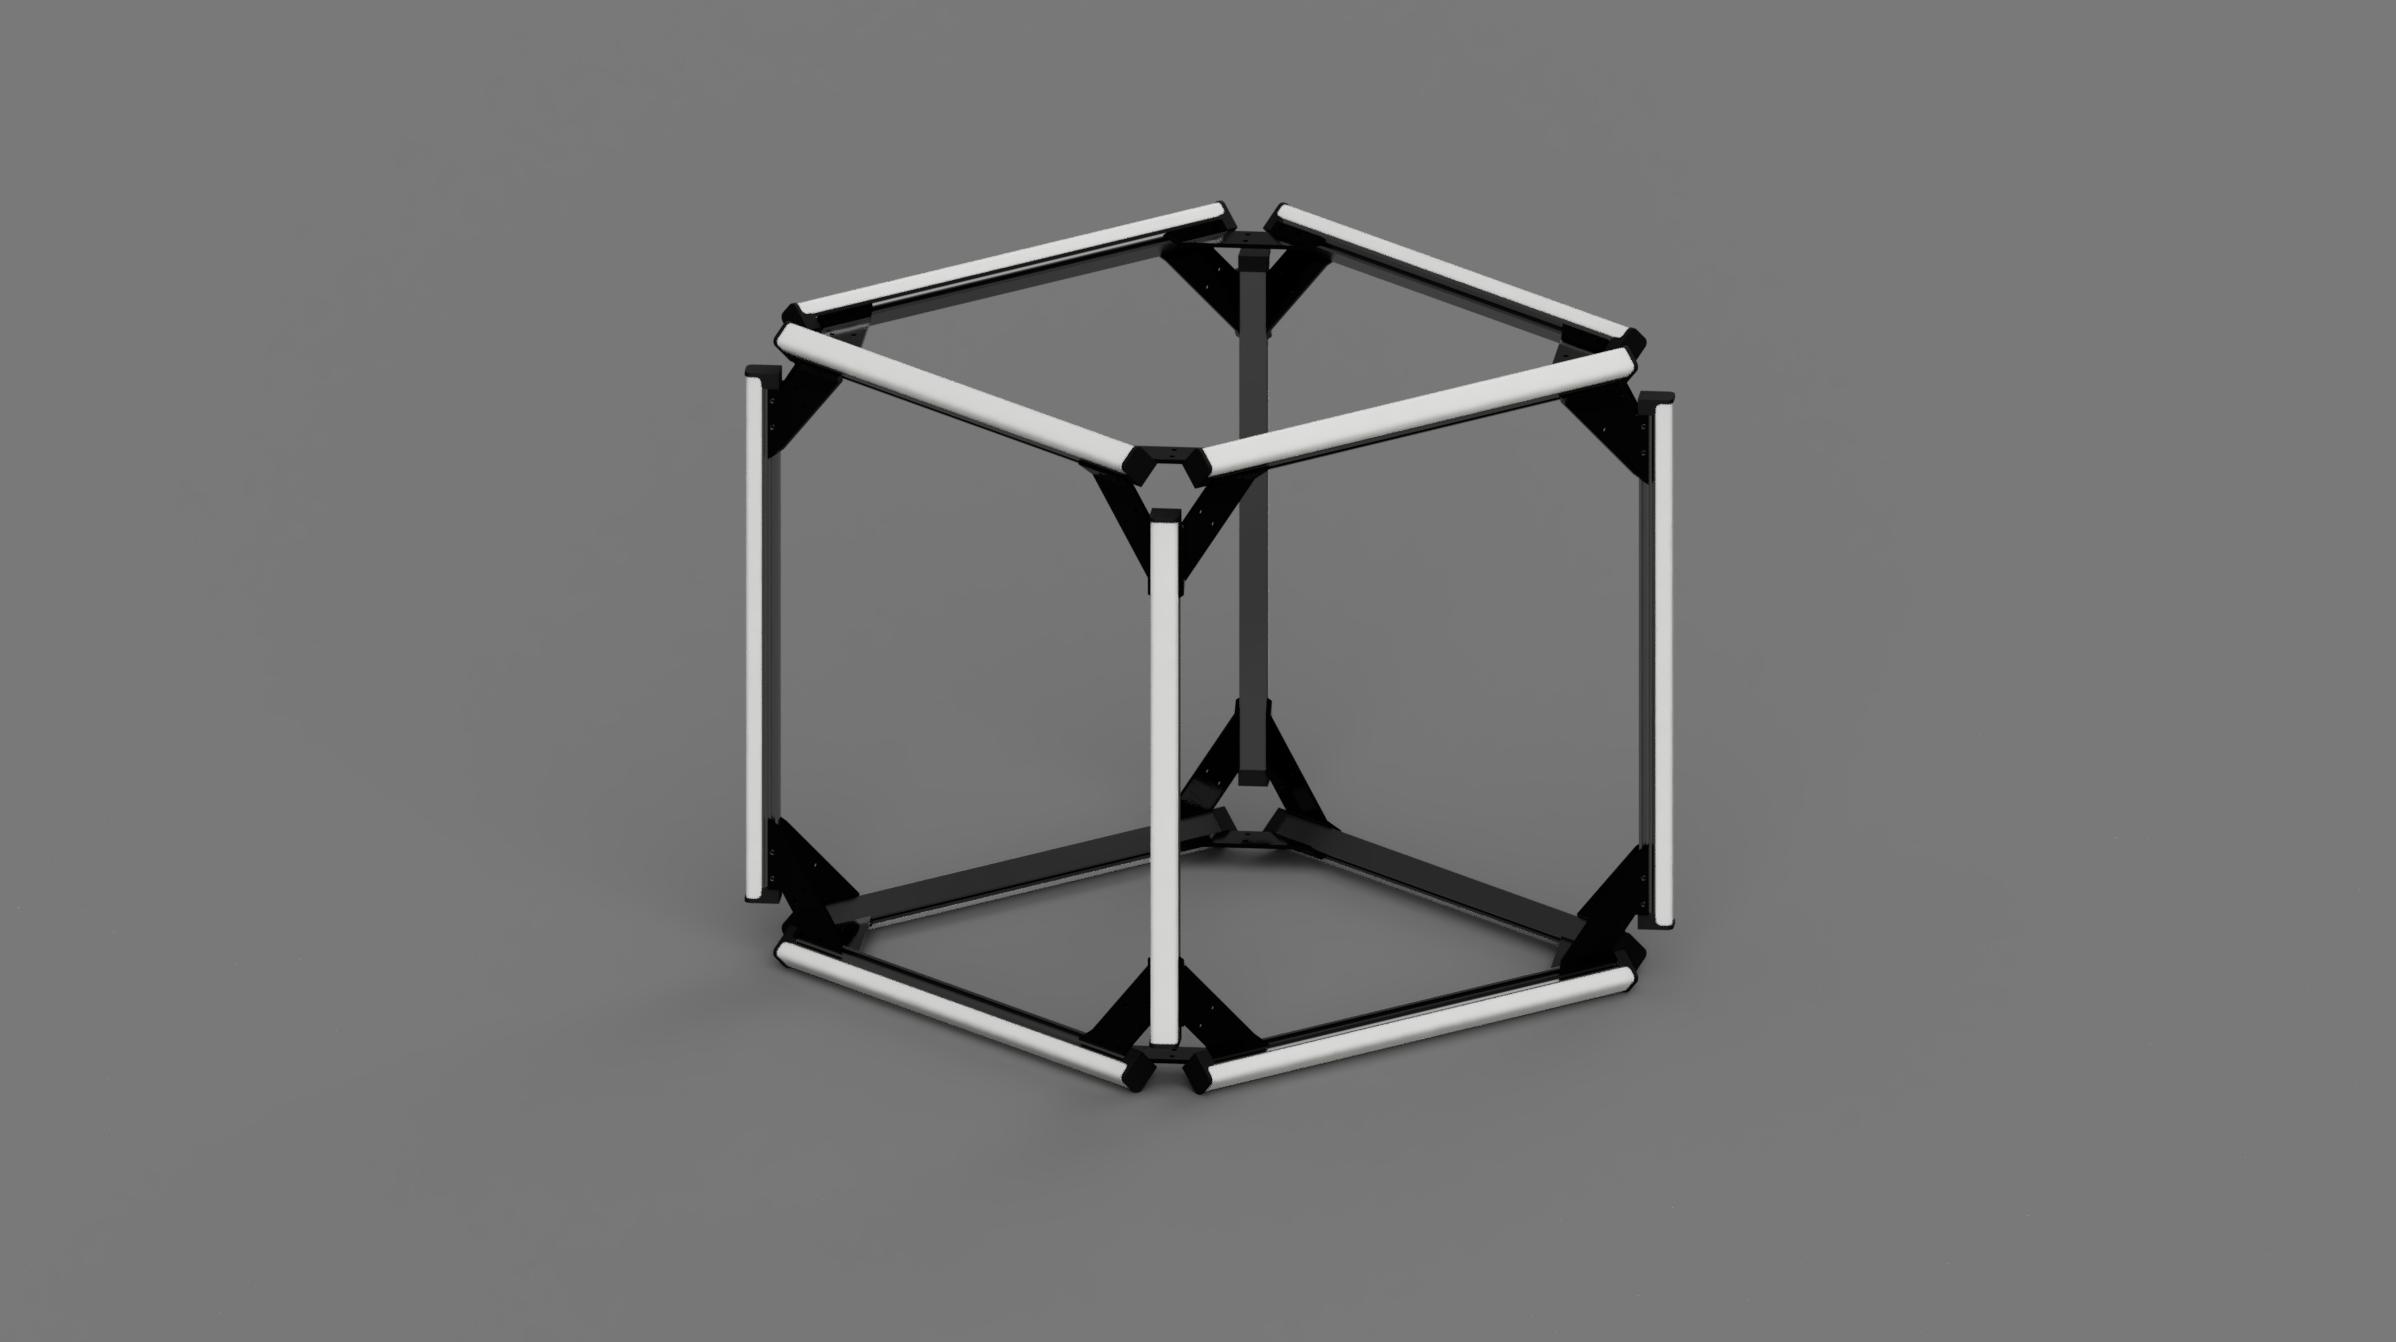 cube platonic solid